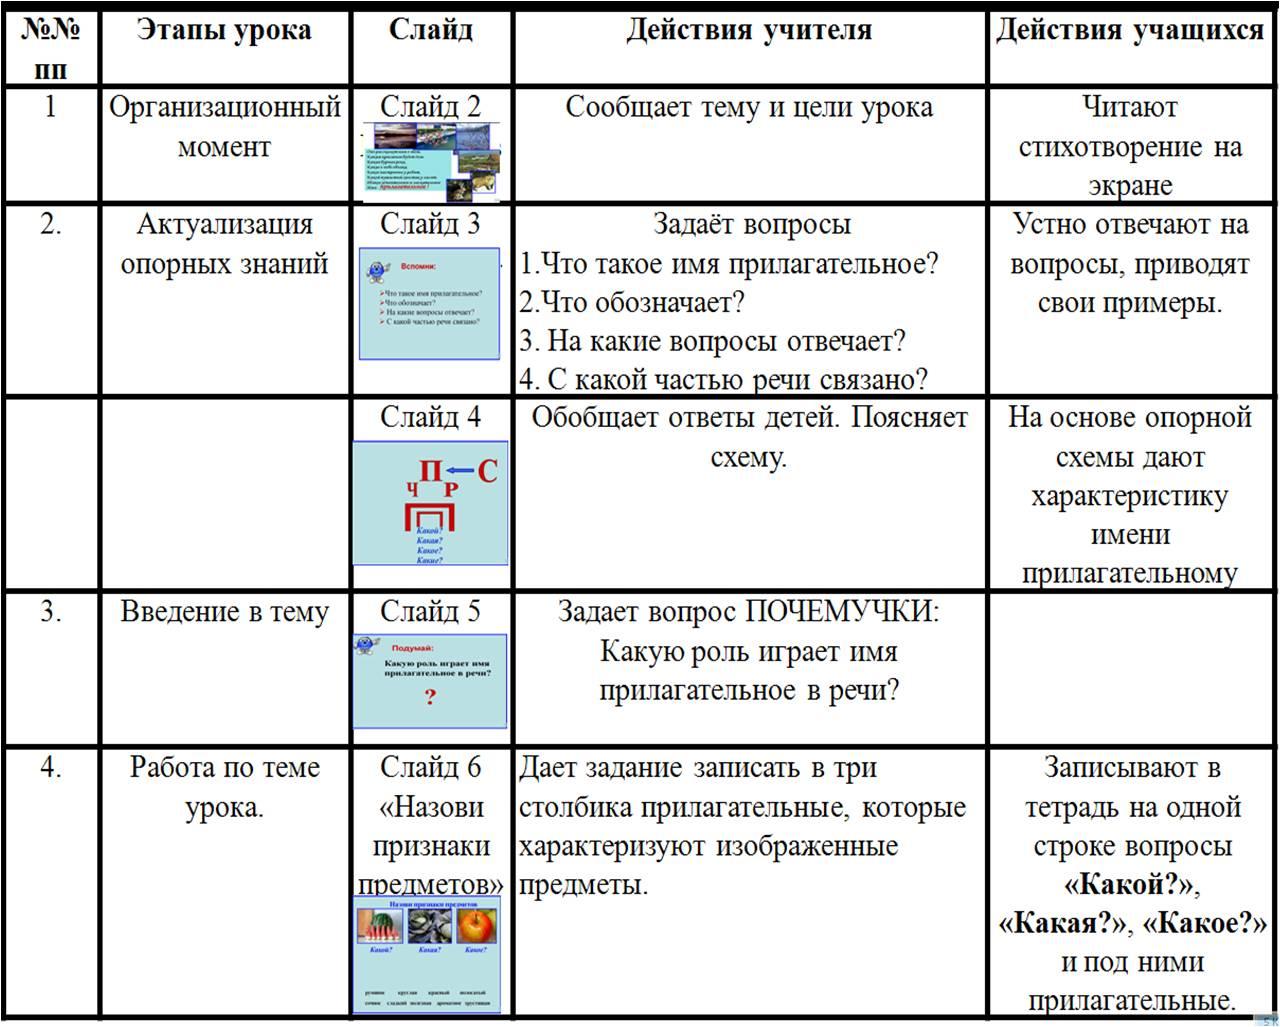 Технологическая карта урока по технологии 5 класс требования по фгос